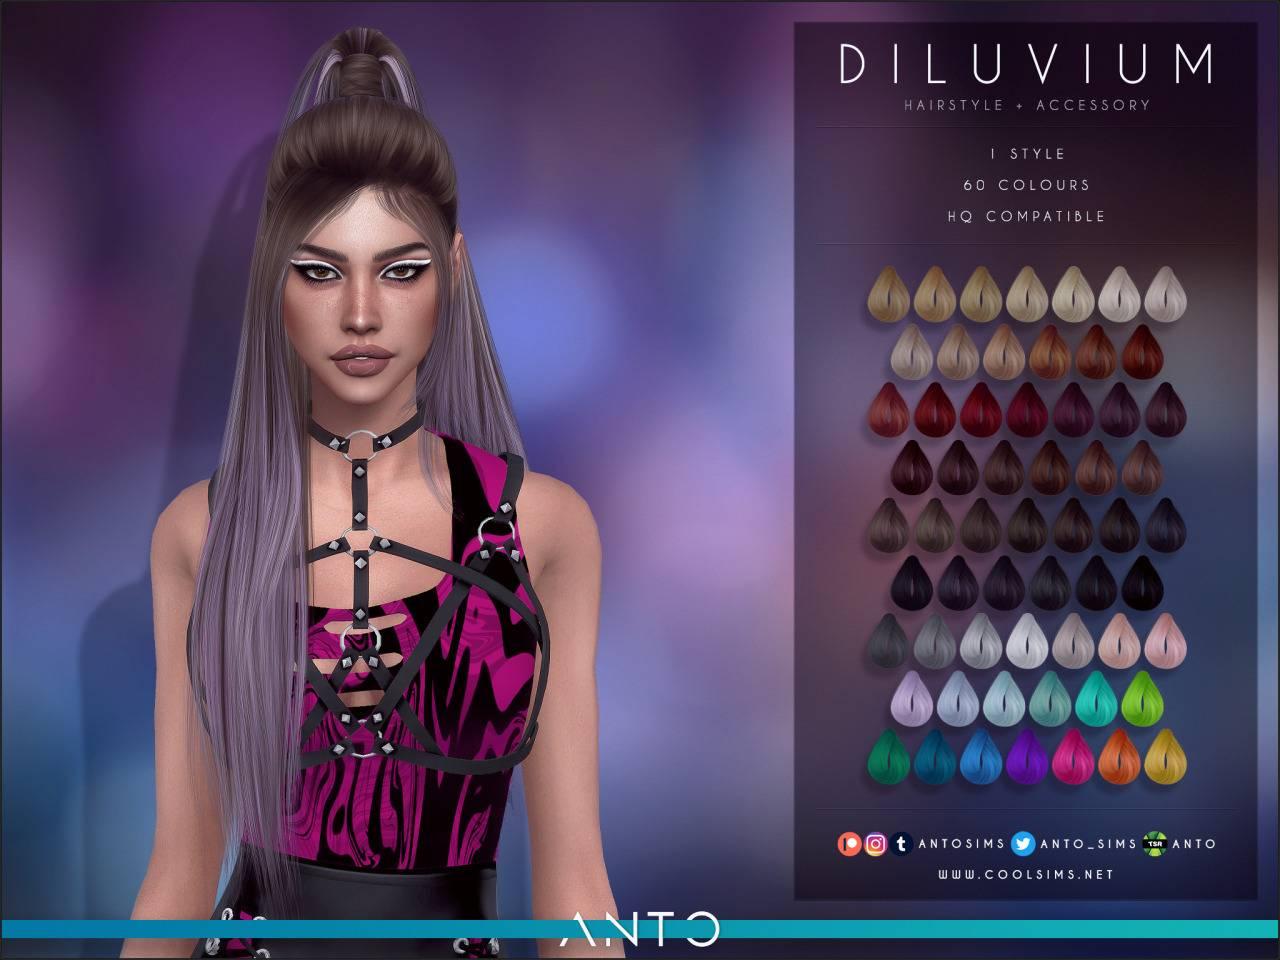 Женская прическа - Diluvium